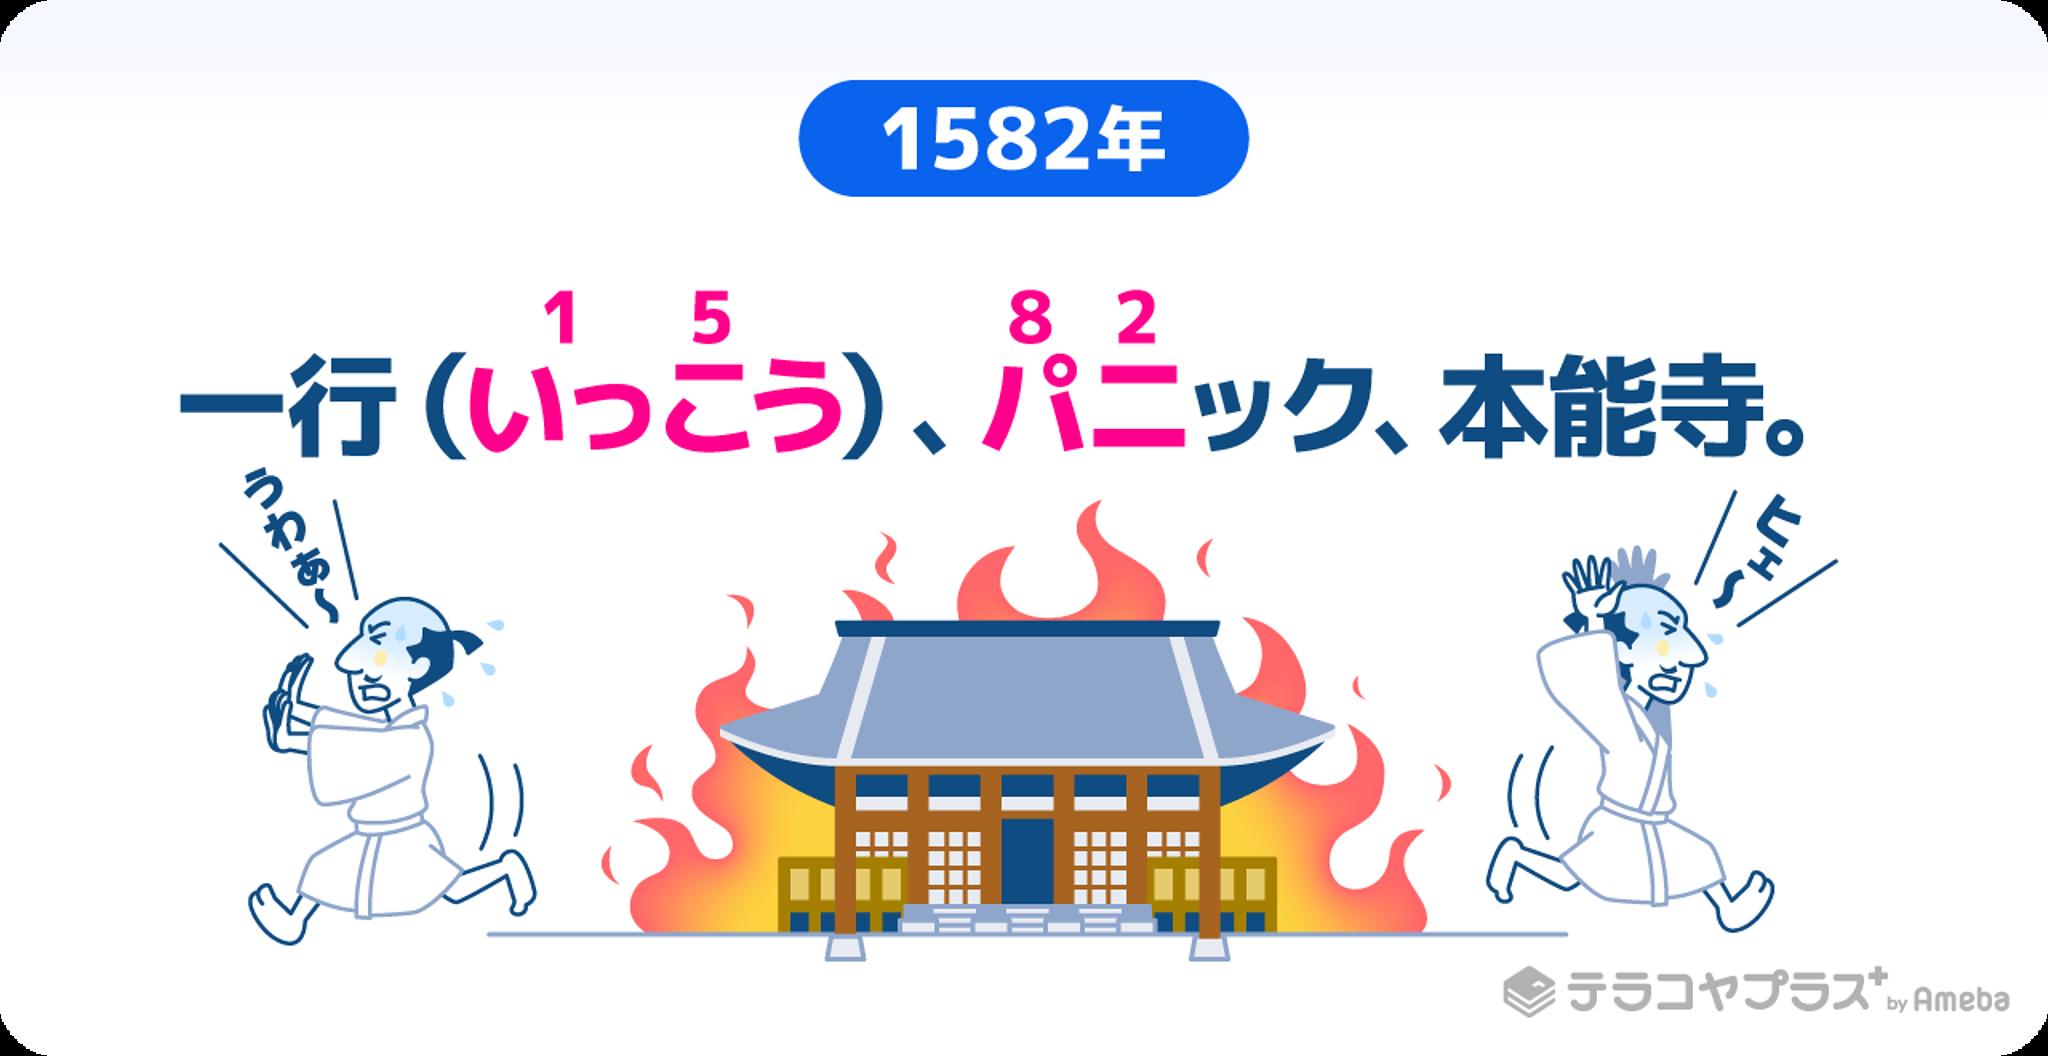 本能寺が燃えてパニックになっているイラスト画像